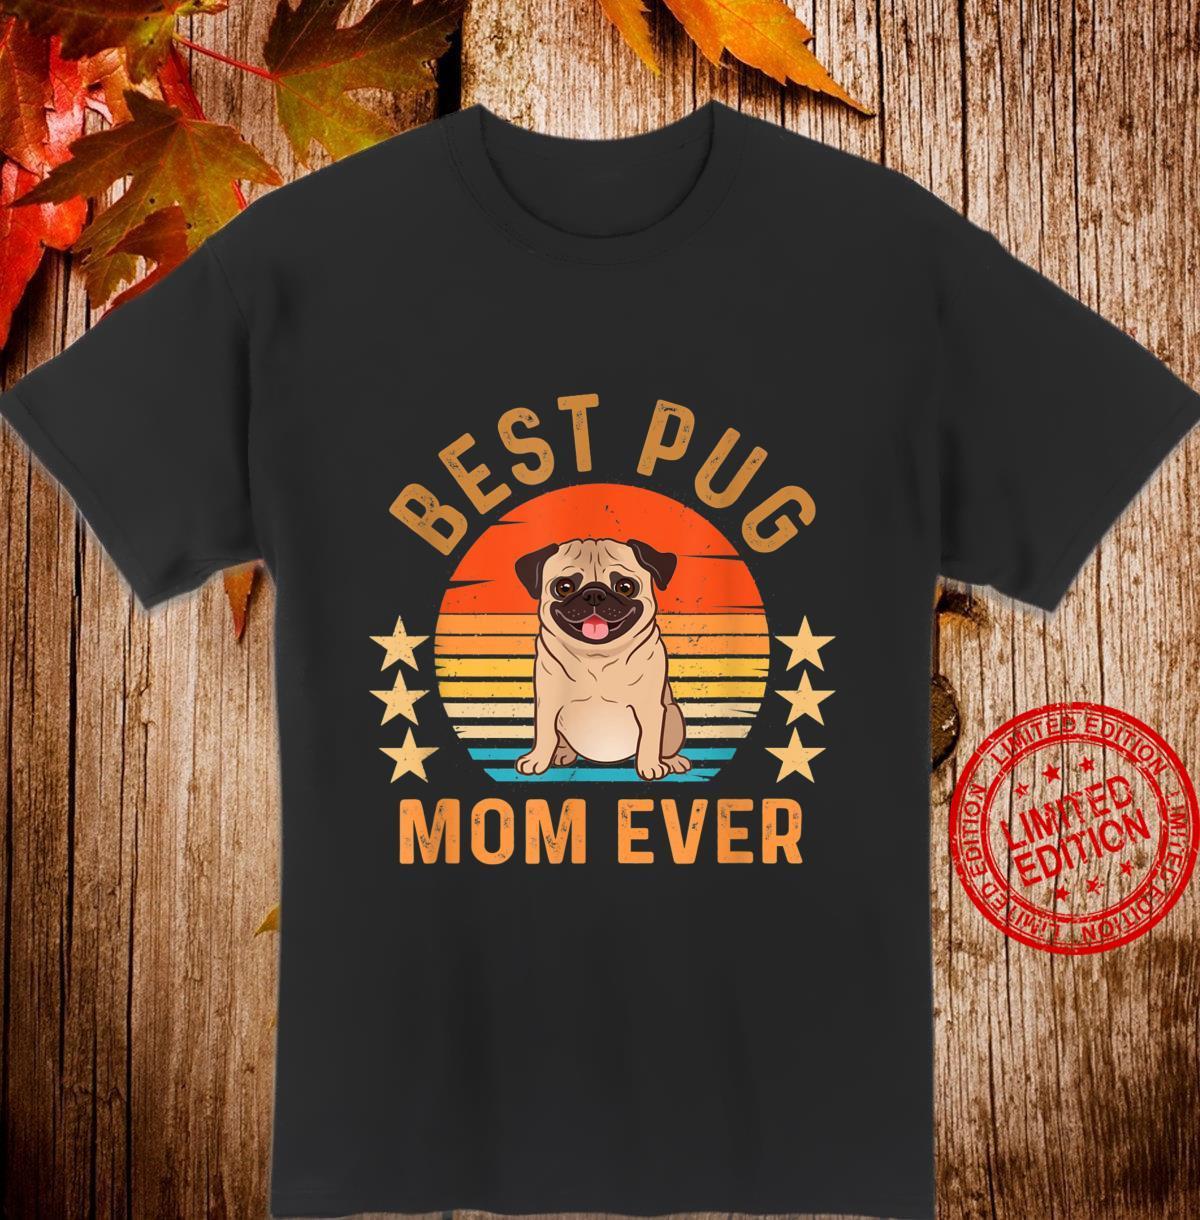 Best Pug Mom Ever Vintage Retro Dog Shirt